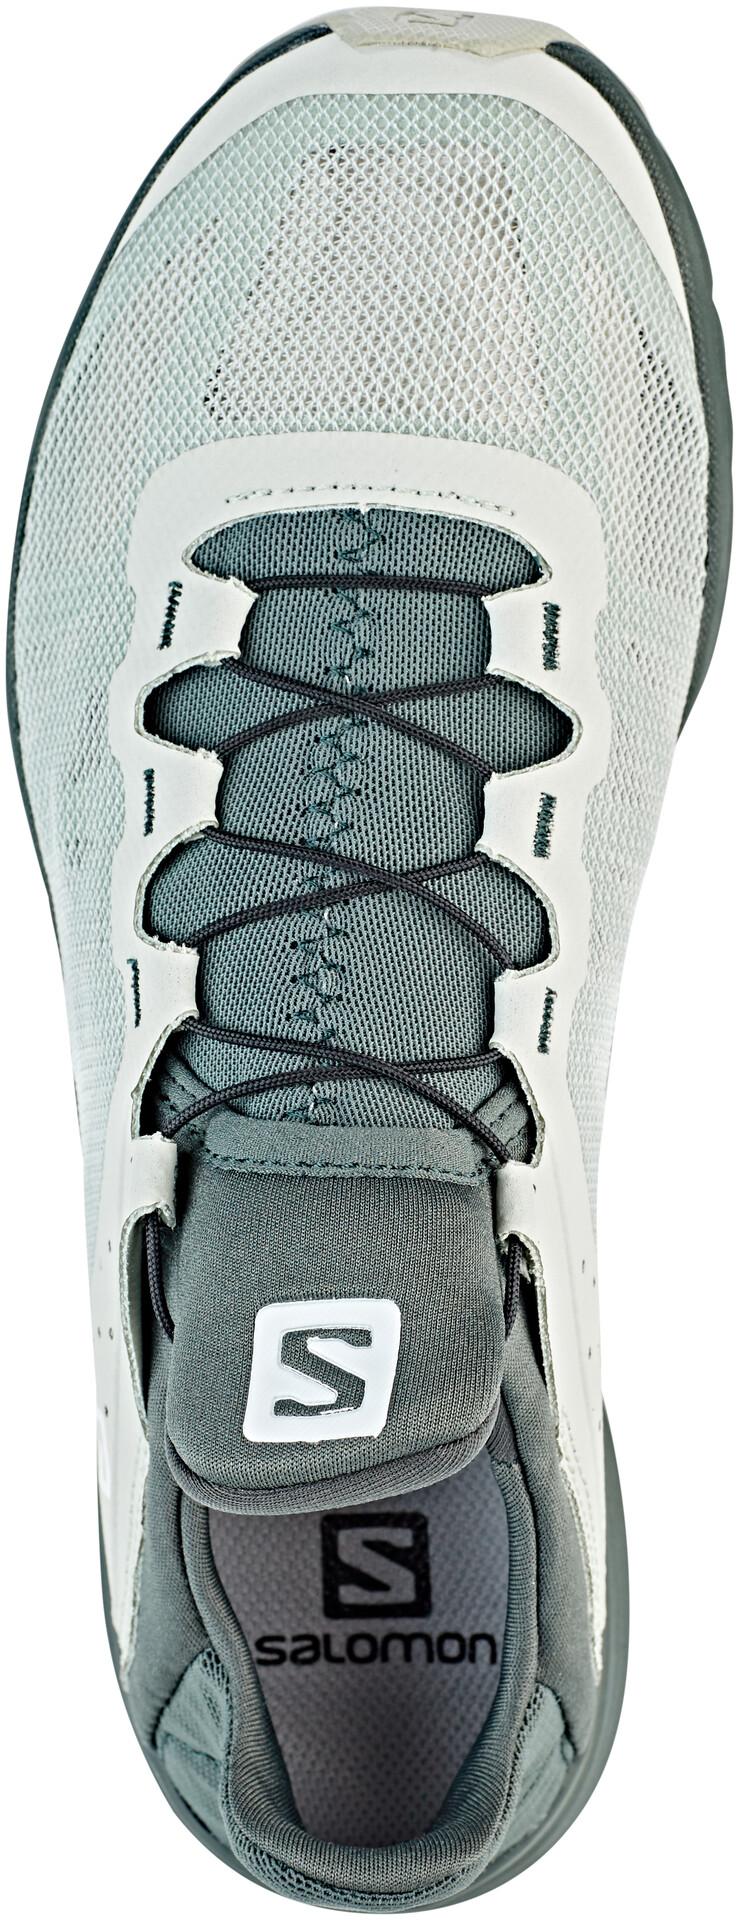 280f4514d7 Schuhe & Handtaschen Sport- & Outdoorschuhe Salomon Amphib Bold Shoes Women  Mineral Gray/Crown Blue/White 2019 Schuhe